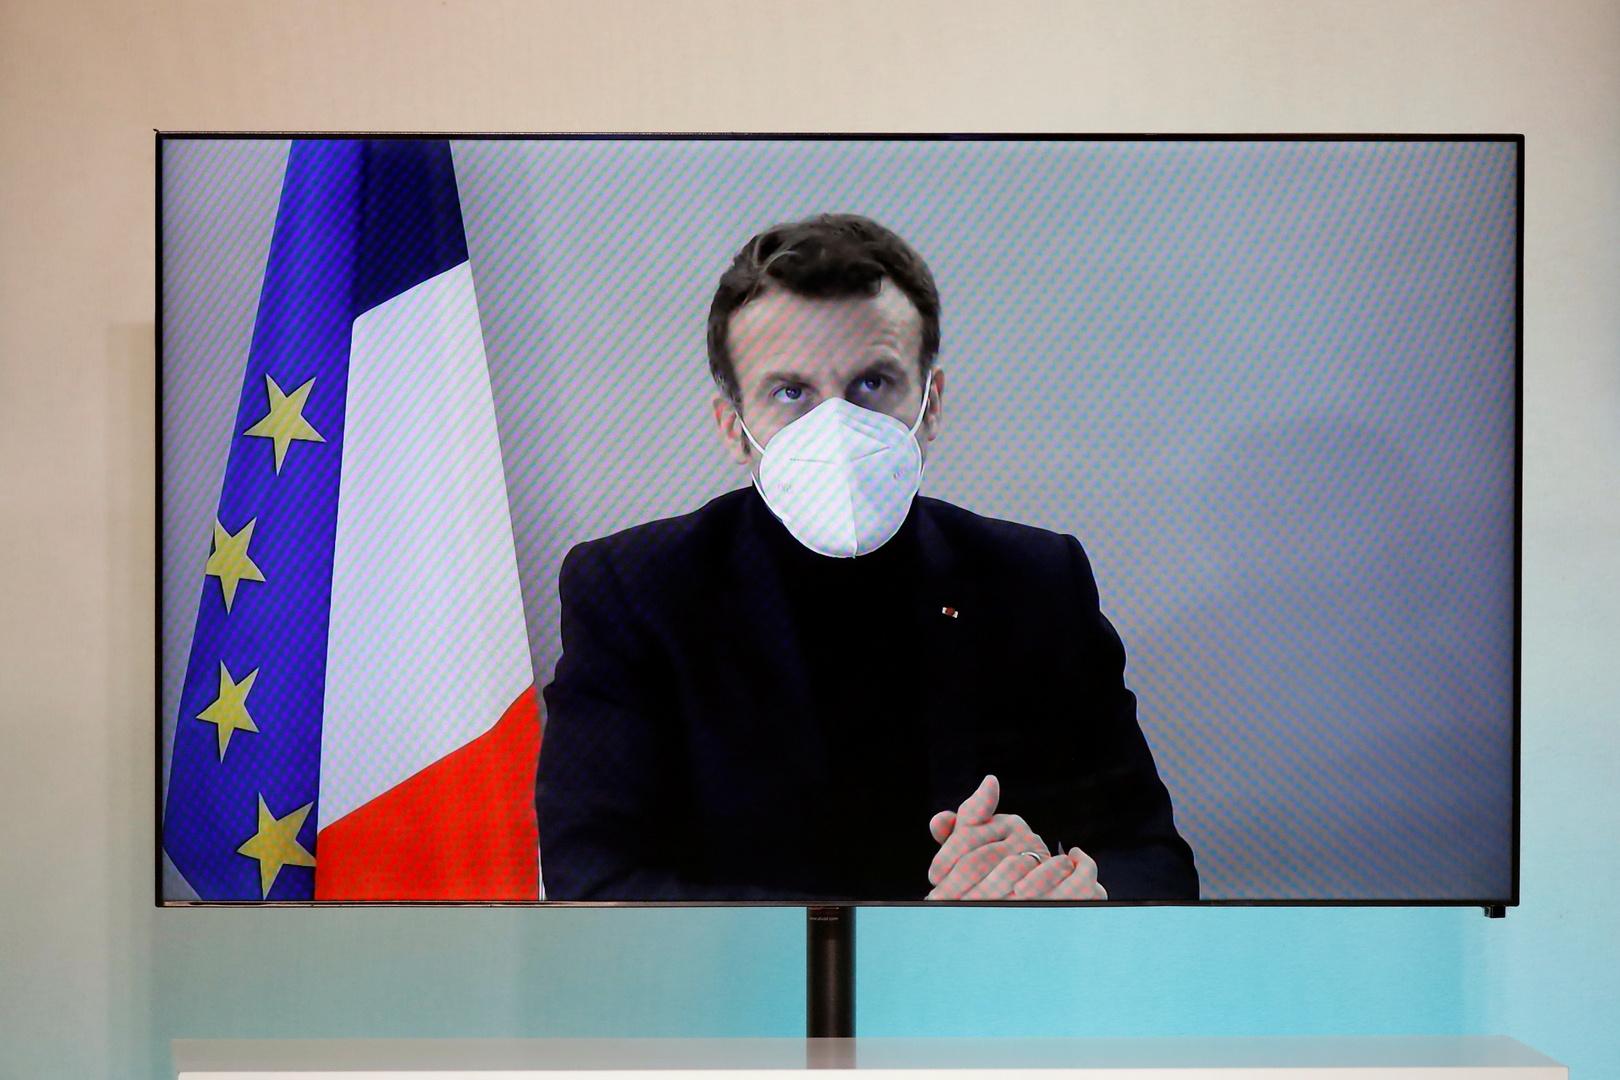 6 زعماء أوروبيين في الحجر الصحي بعد إصابة ماكرون بكورونا